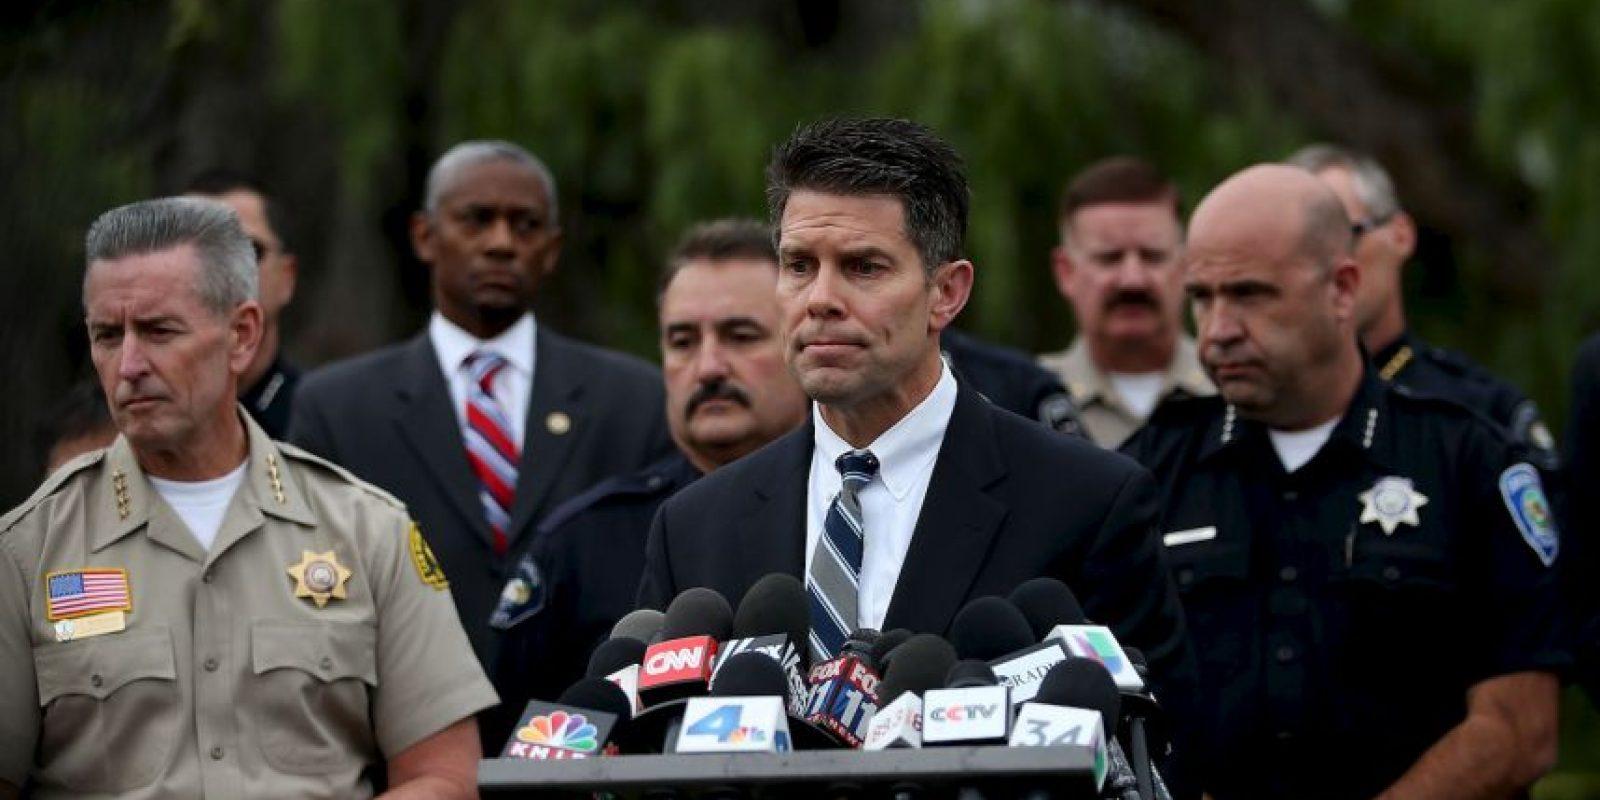 Las autoridades analizan el caso como terrorismo. Foto:AFP